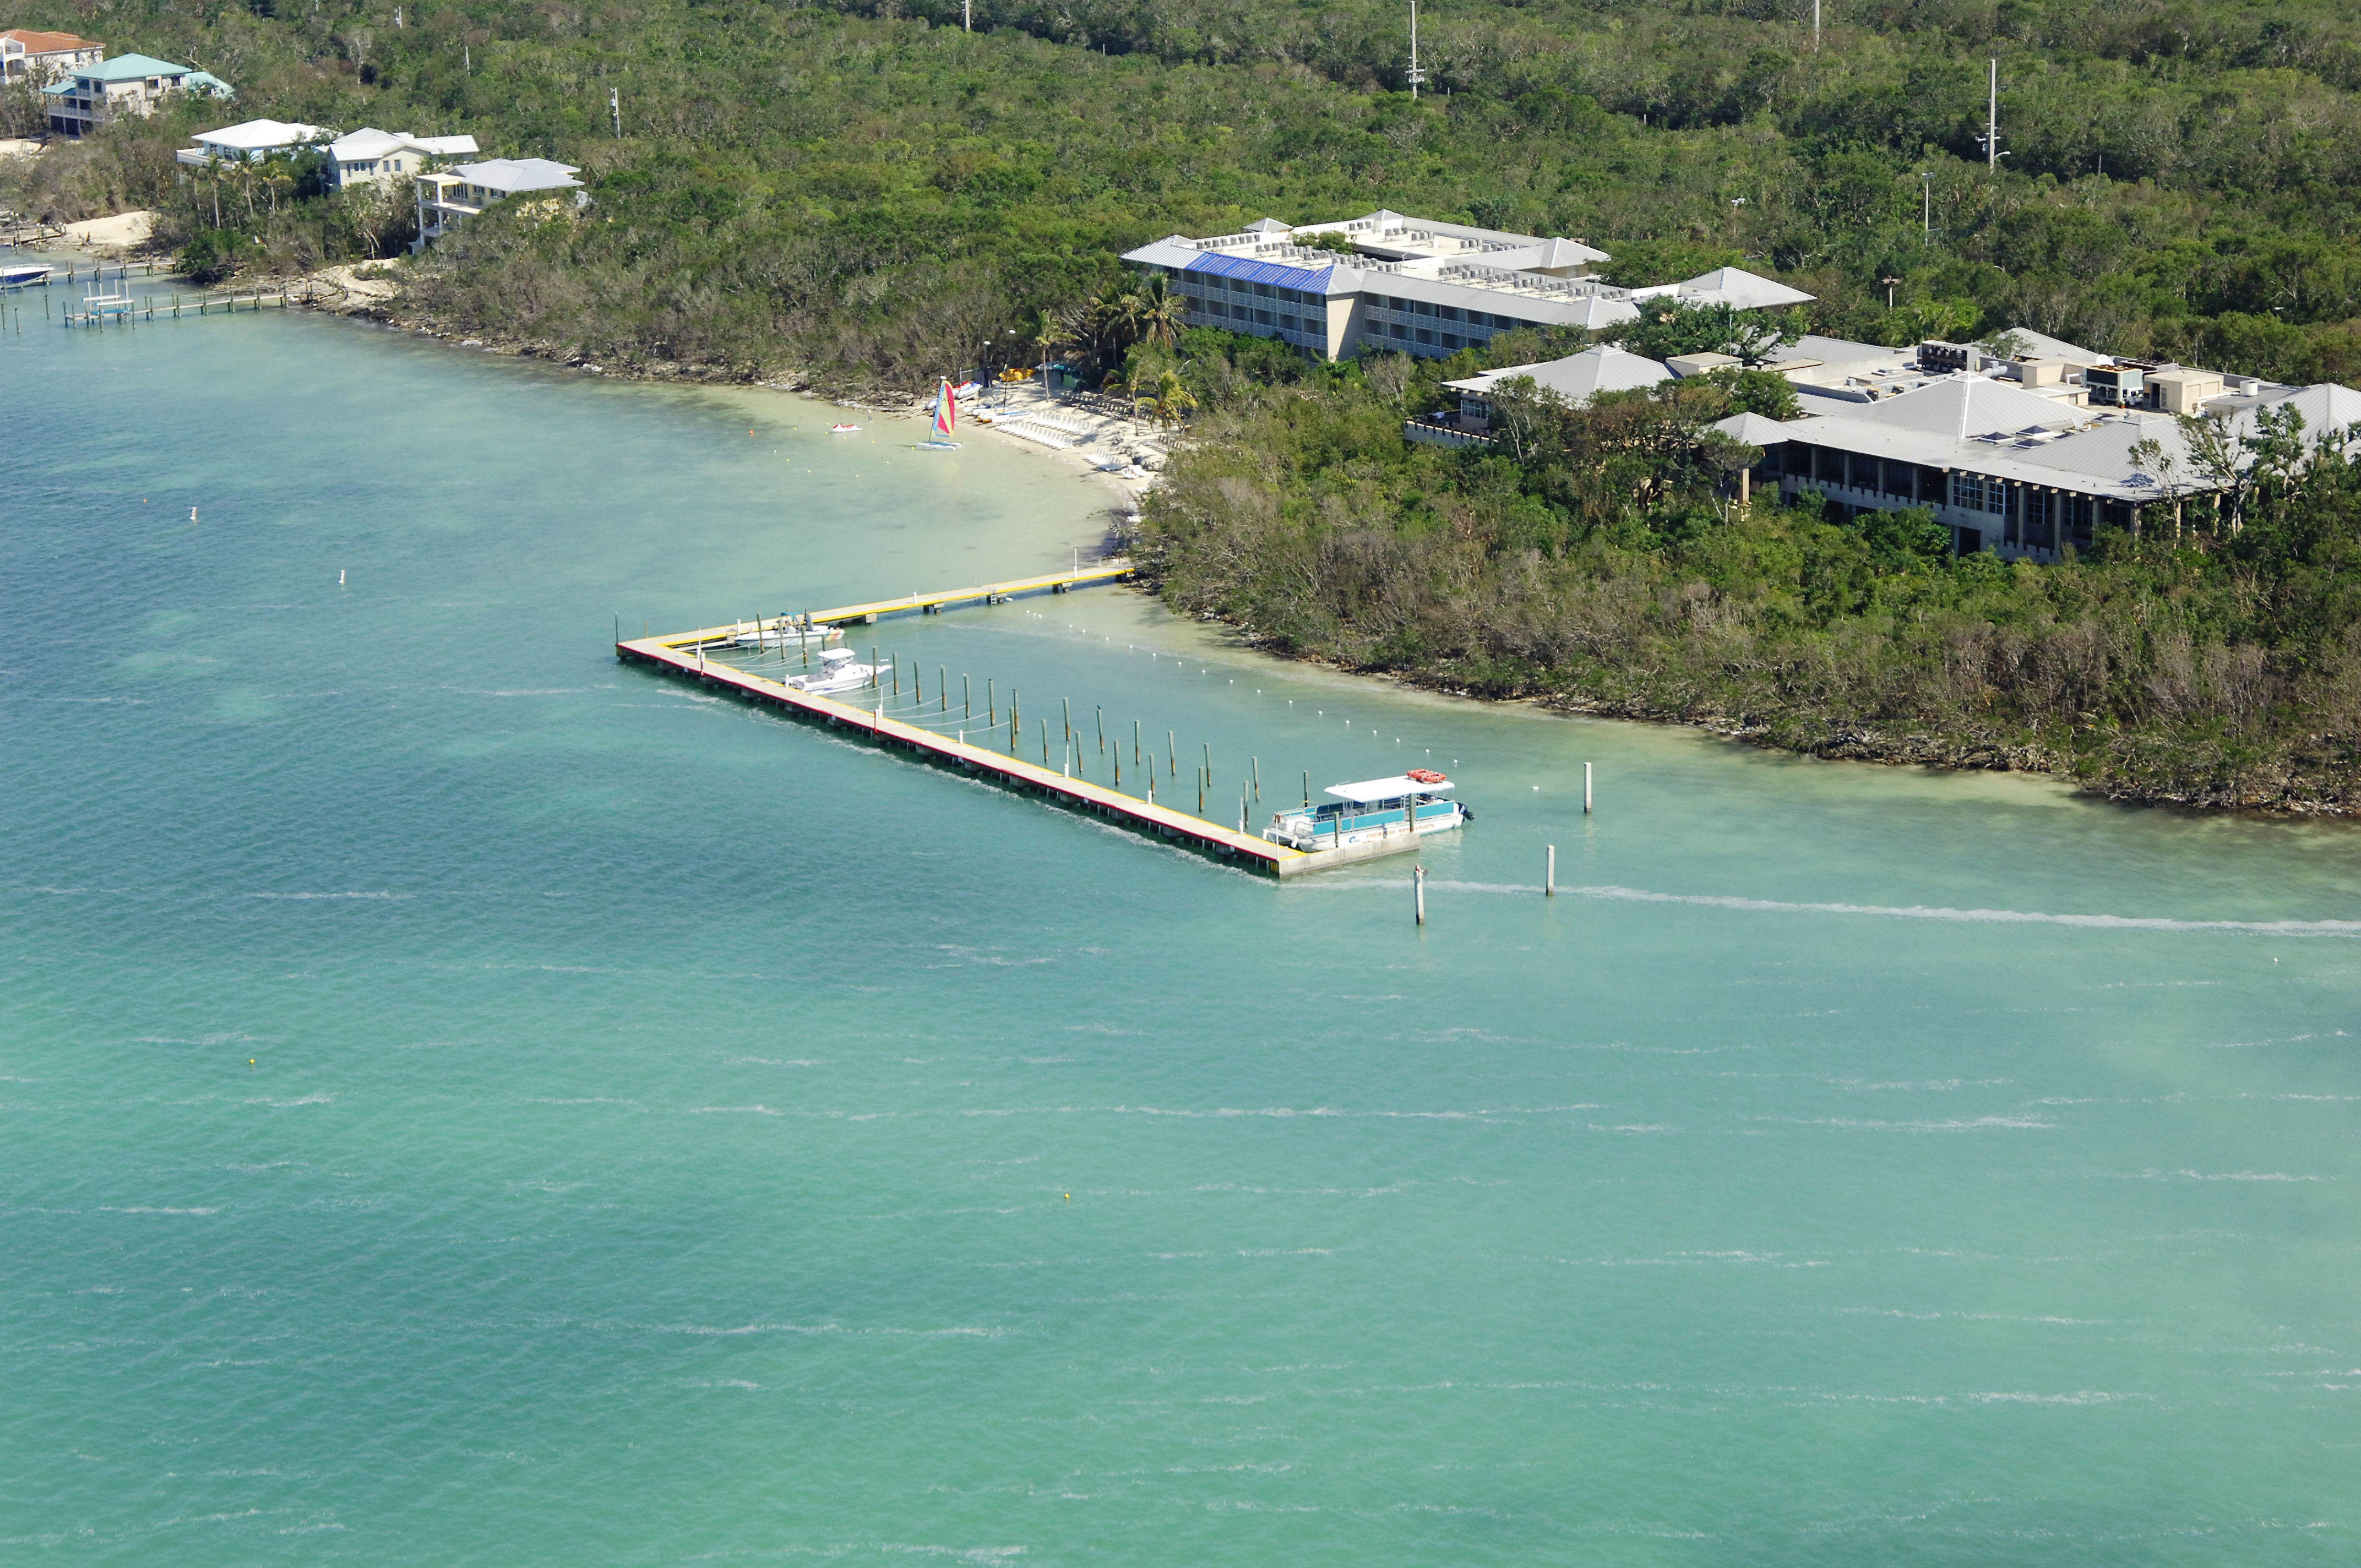 Sheraton Beach Resort Marina